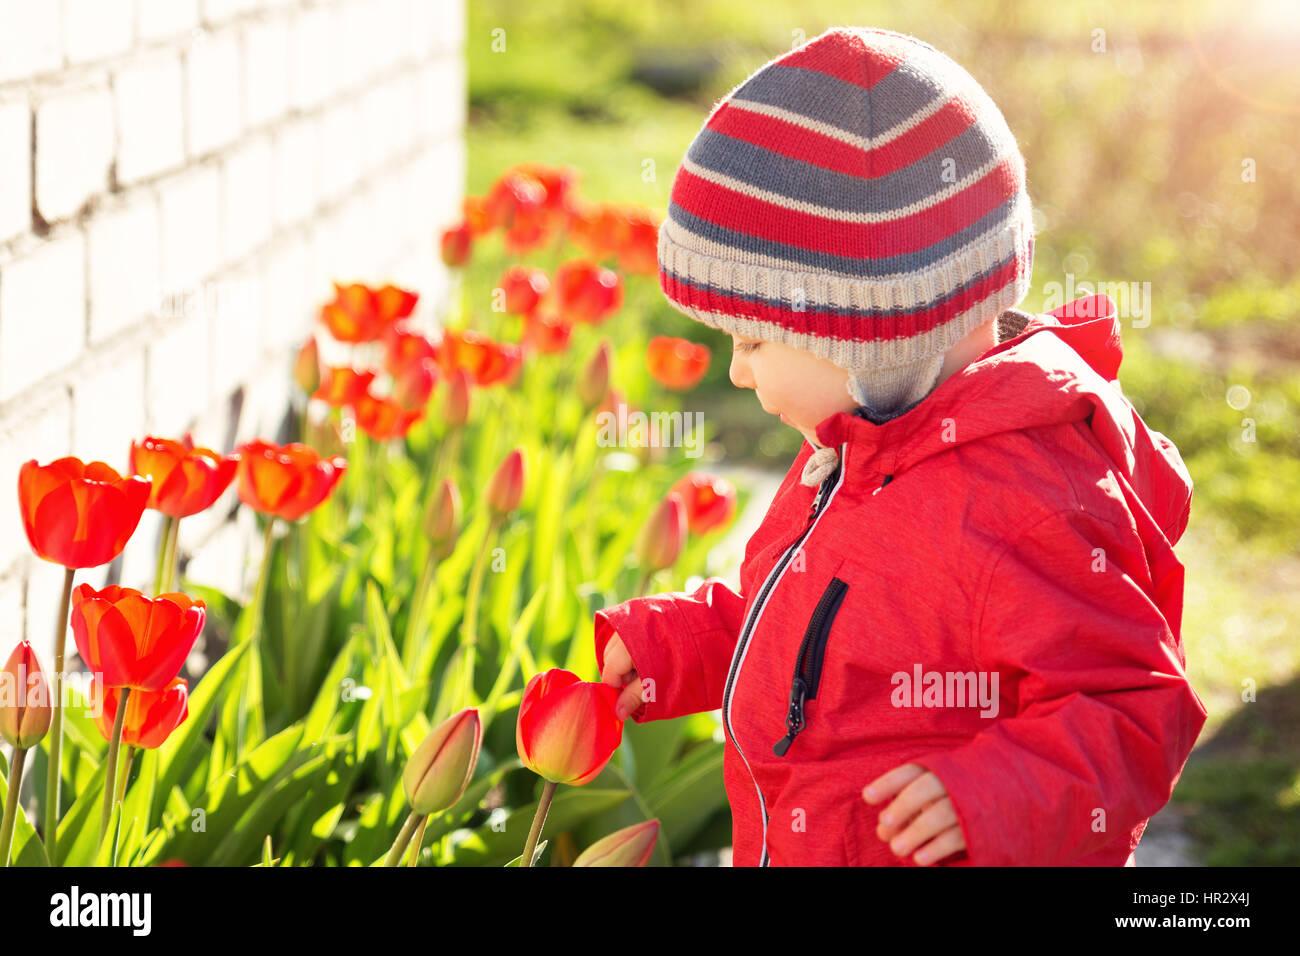 7b553a28b64ab Petit enfant qui sent les tulipes sur la fleur lit dans un beau jour de  printemps. Baby Boy en plein air dans le jardin